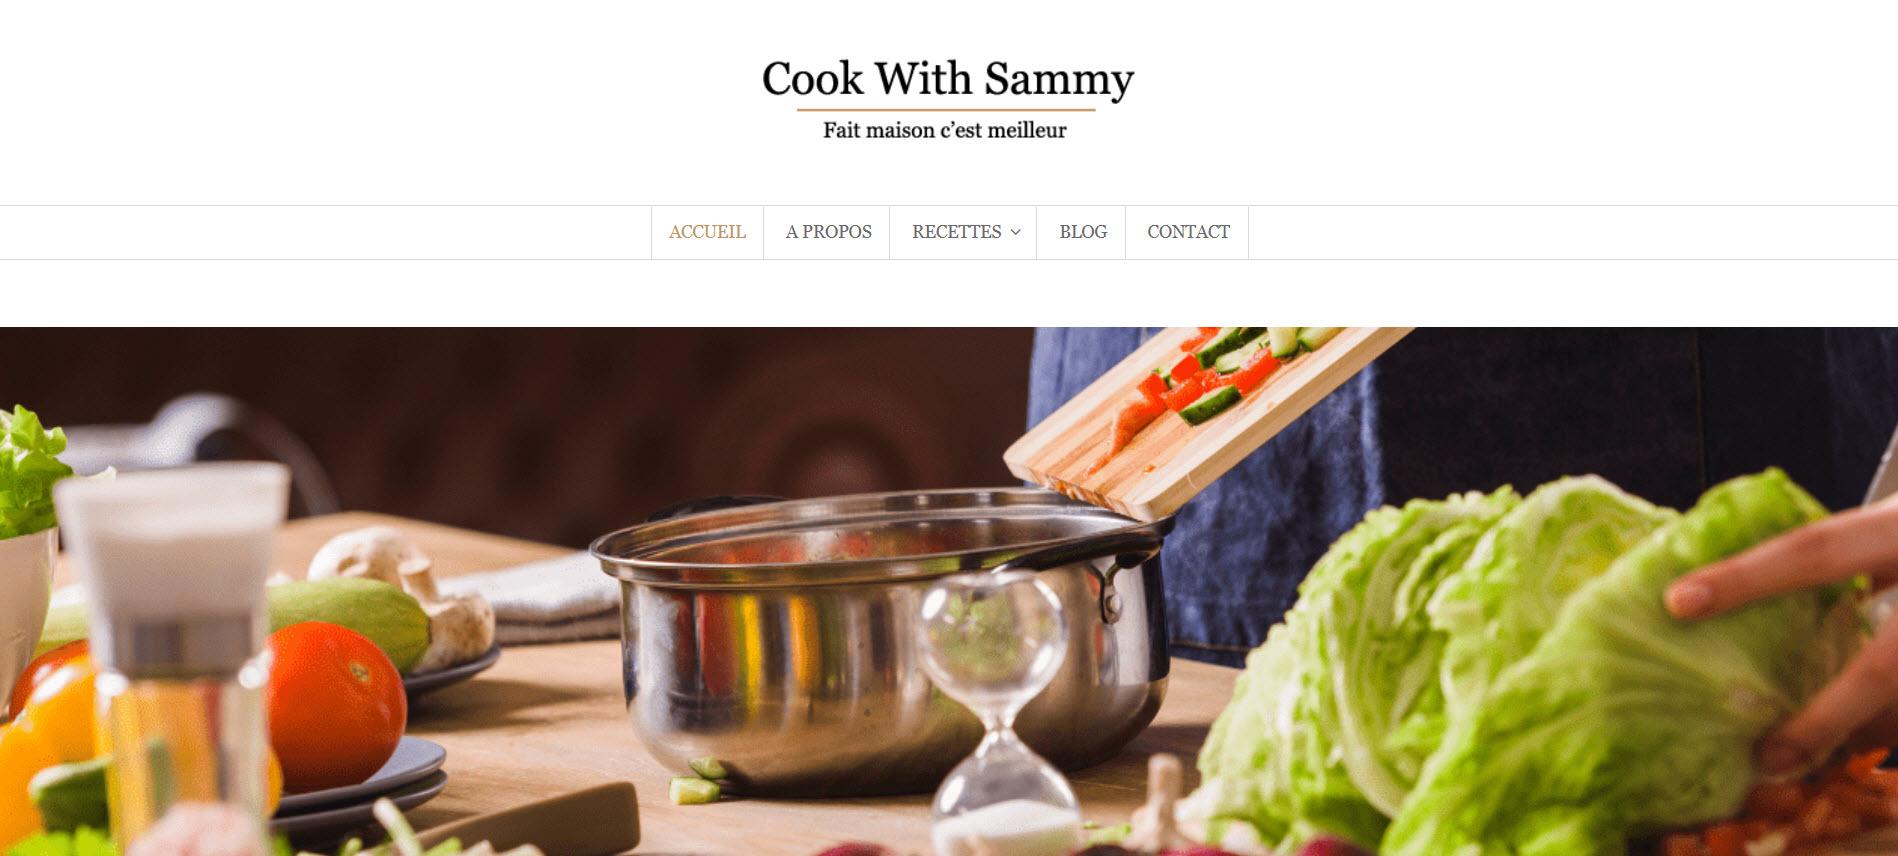 Création du blog de cuisine Cook With Sammy